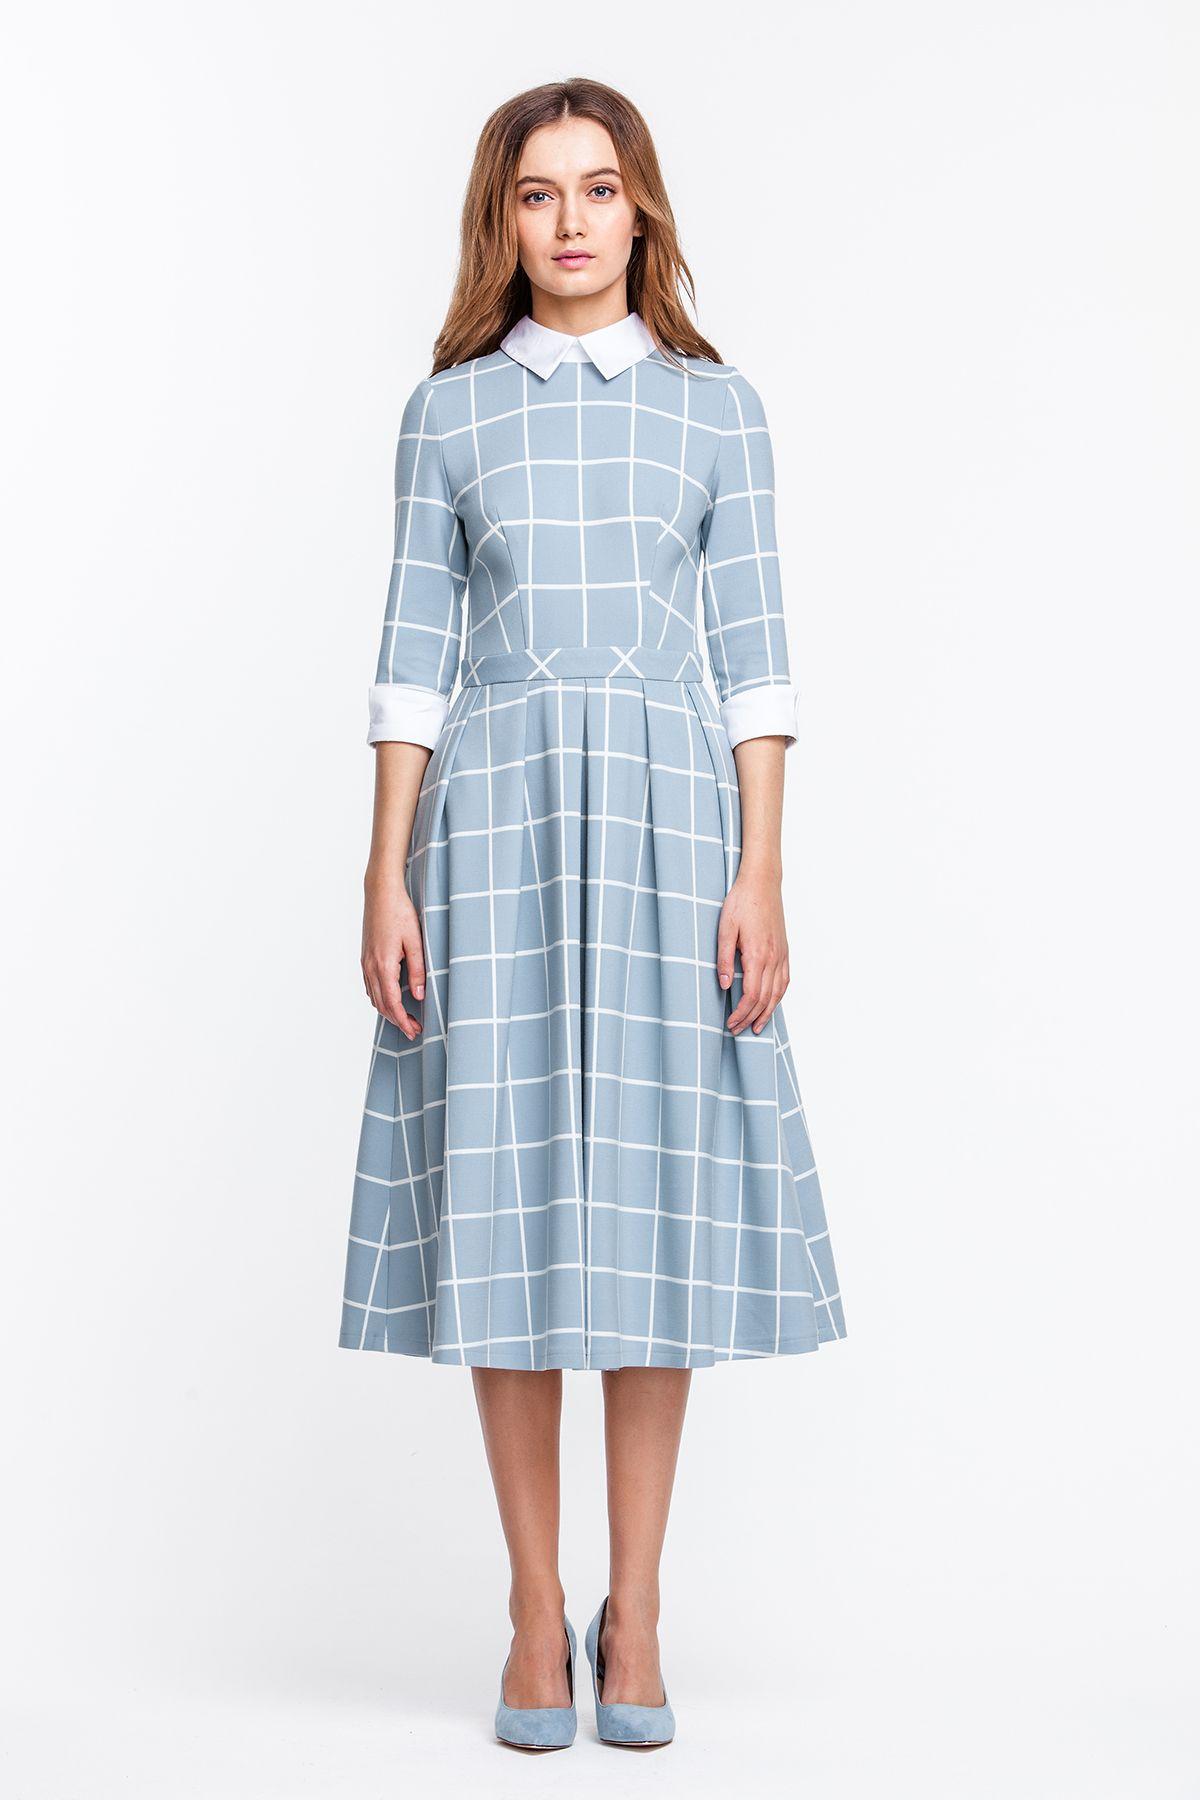 1a8bed35c2f 2233 Платье голубое в белую клетку